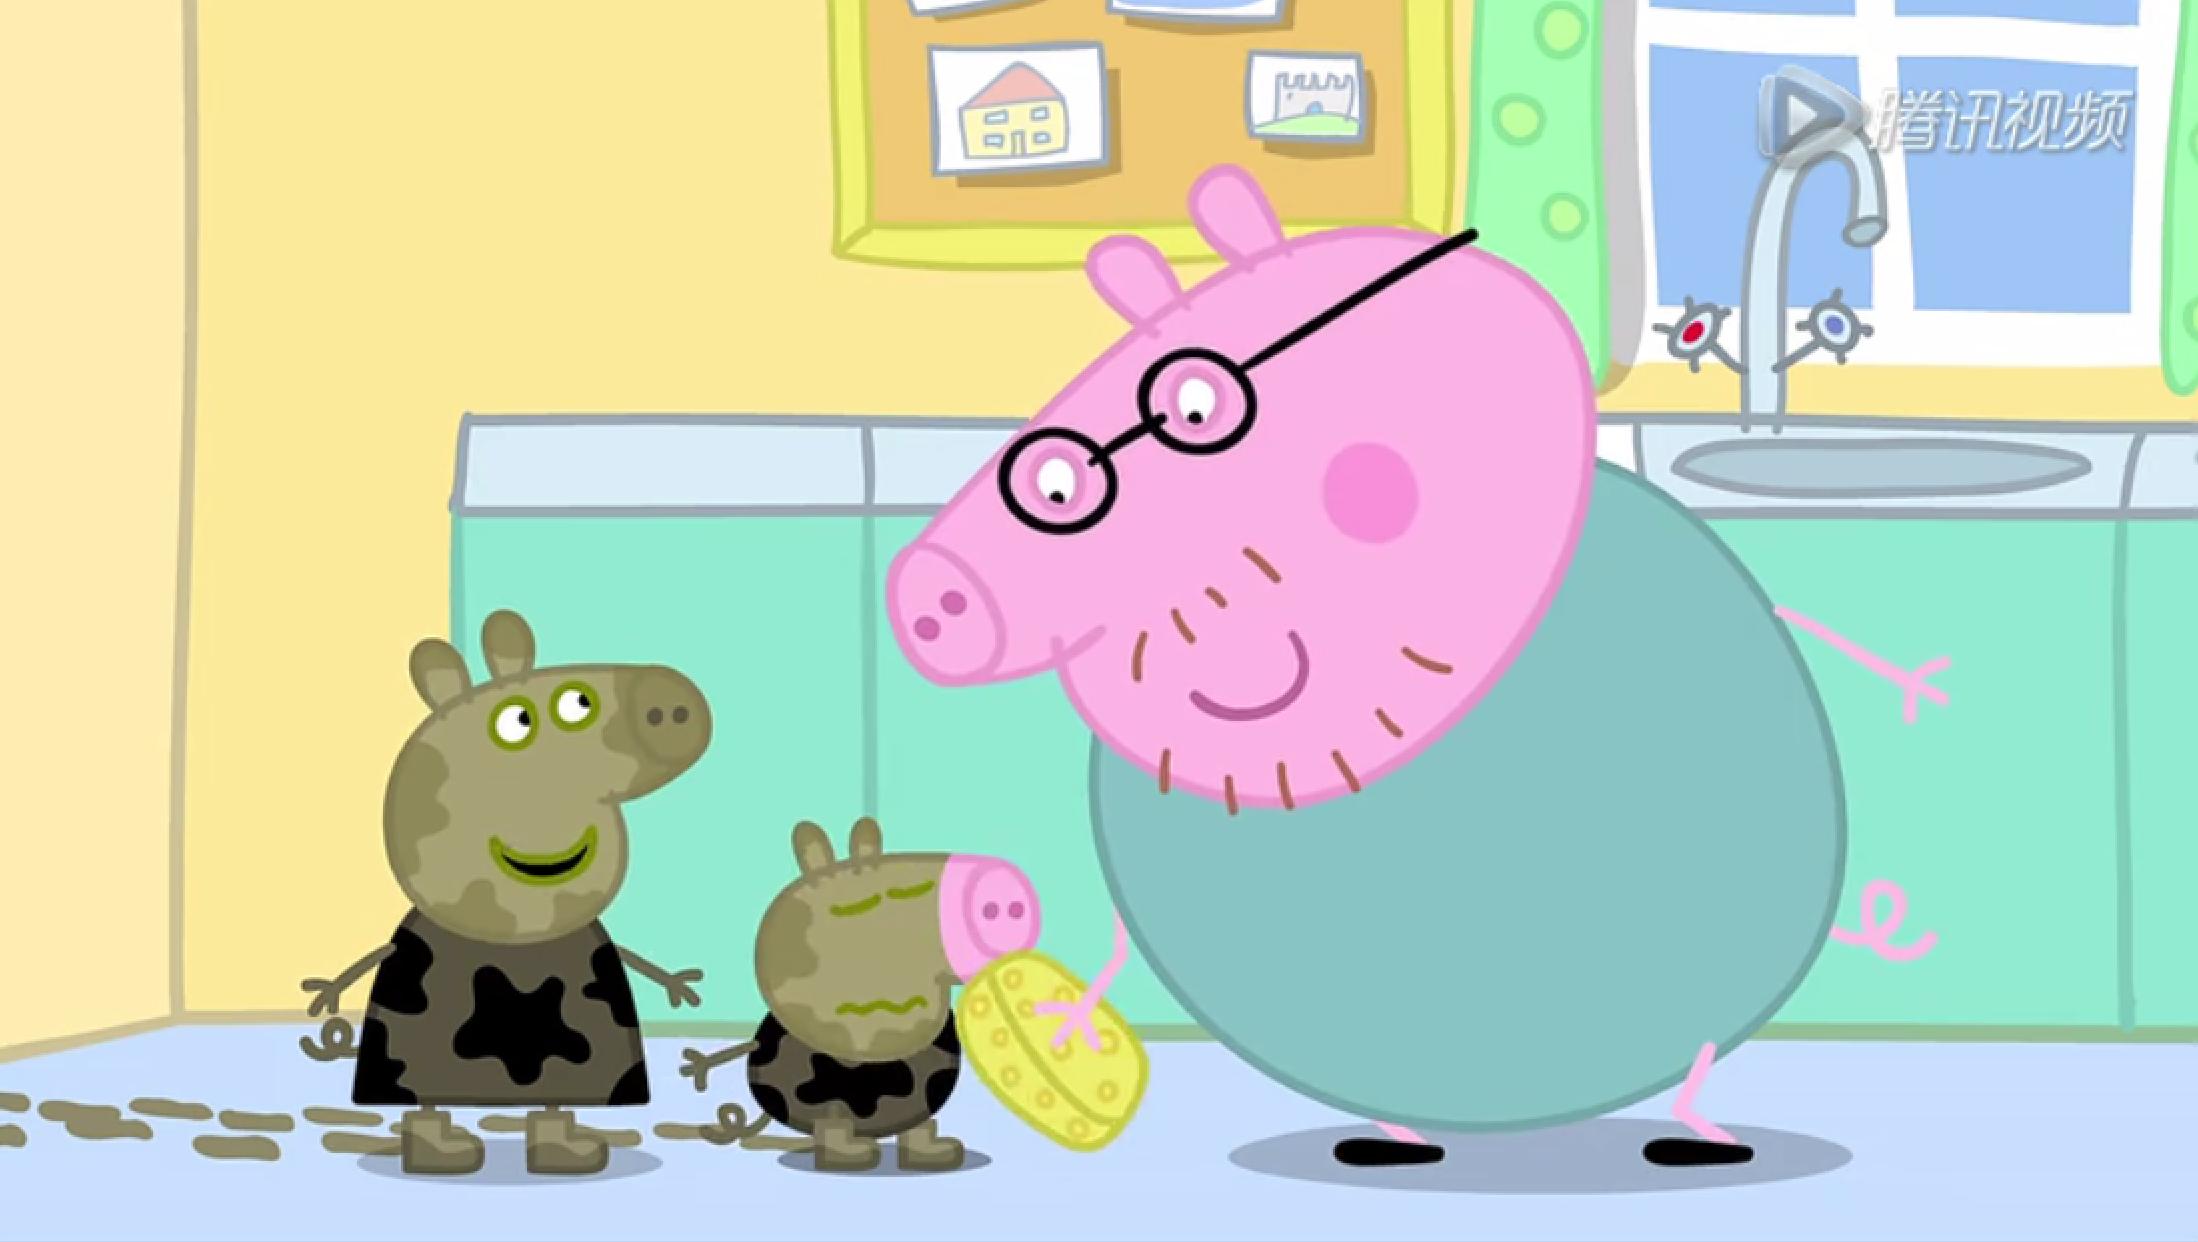 小猪佩奇猪爸爸怎么画